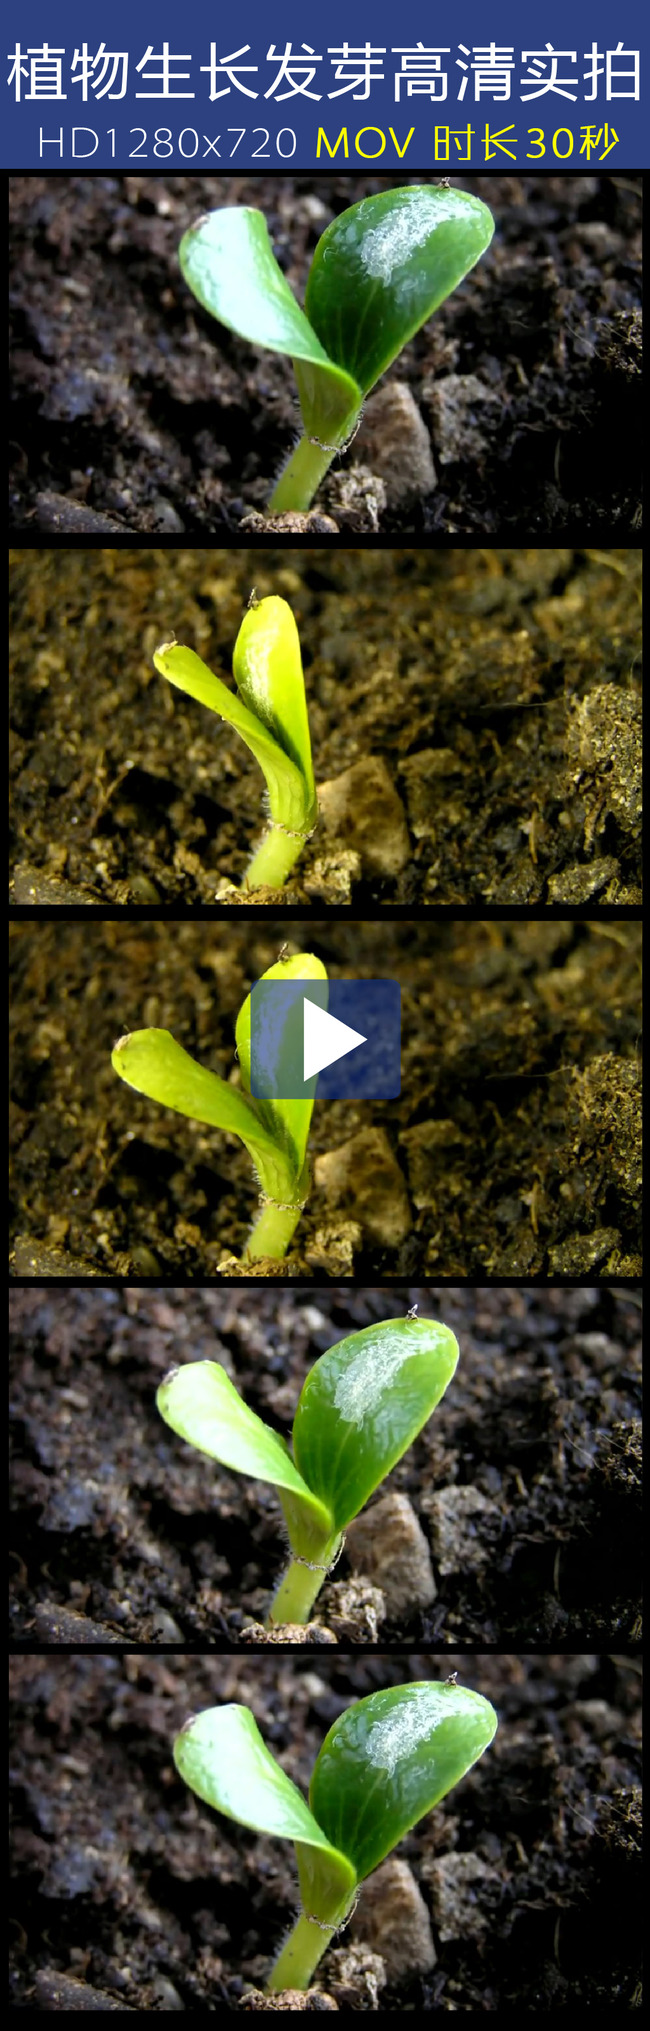 植物发芽成长过程动态素材